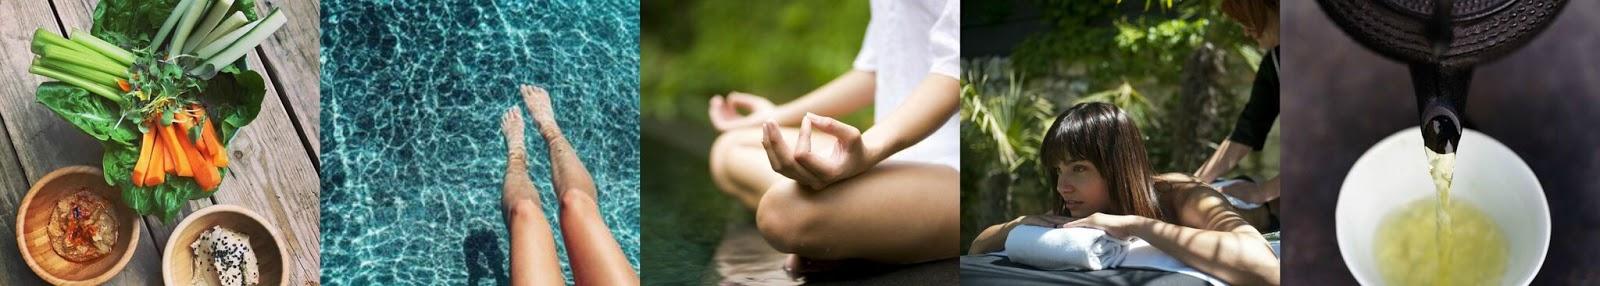 image describing the wellness program las claves del bienestar at NIWA hotel and Spa in Spain